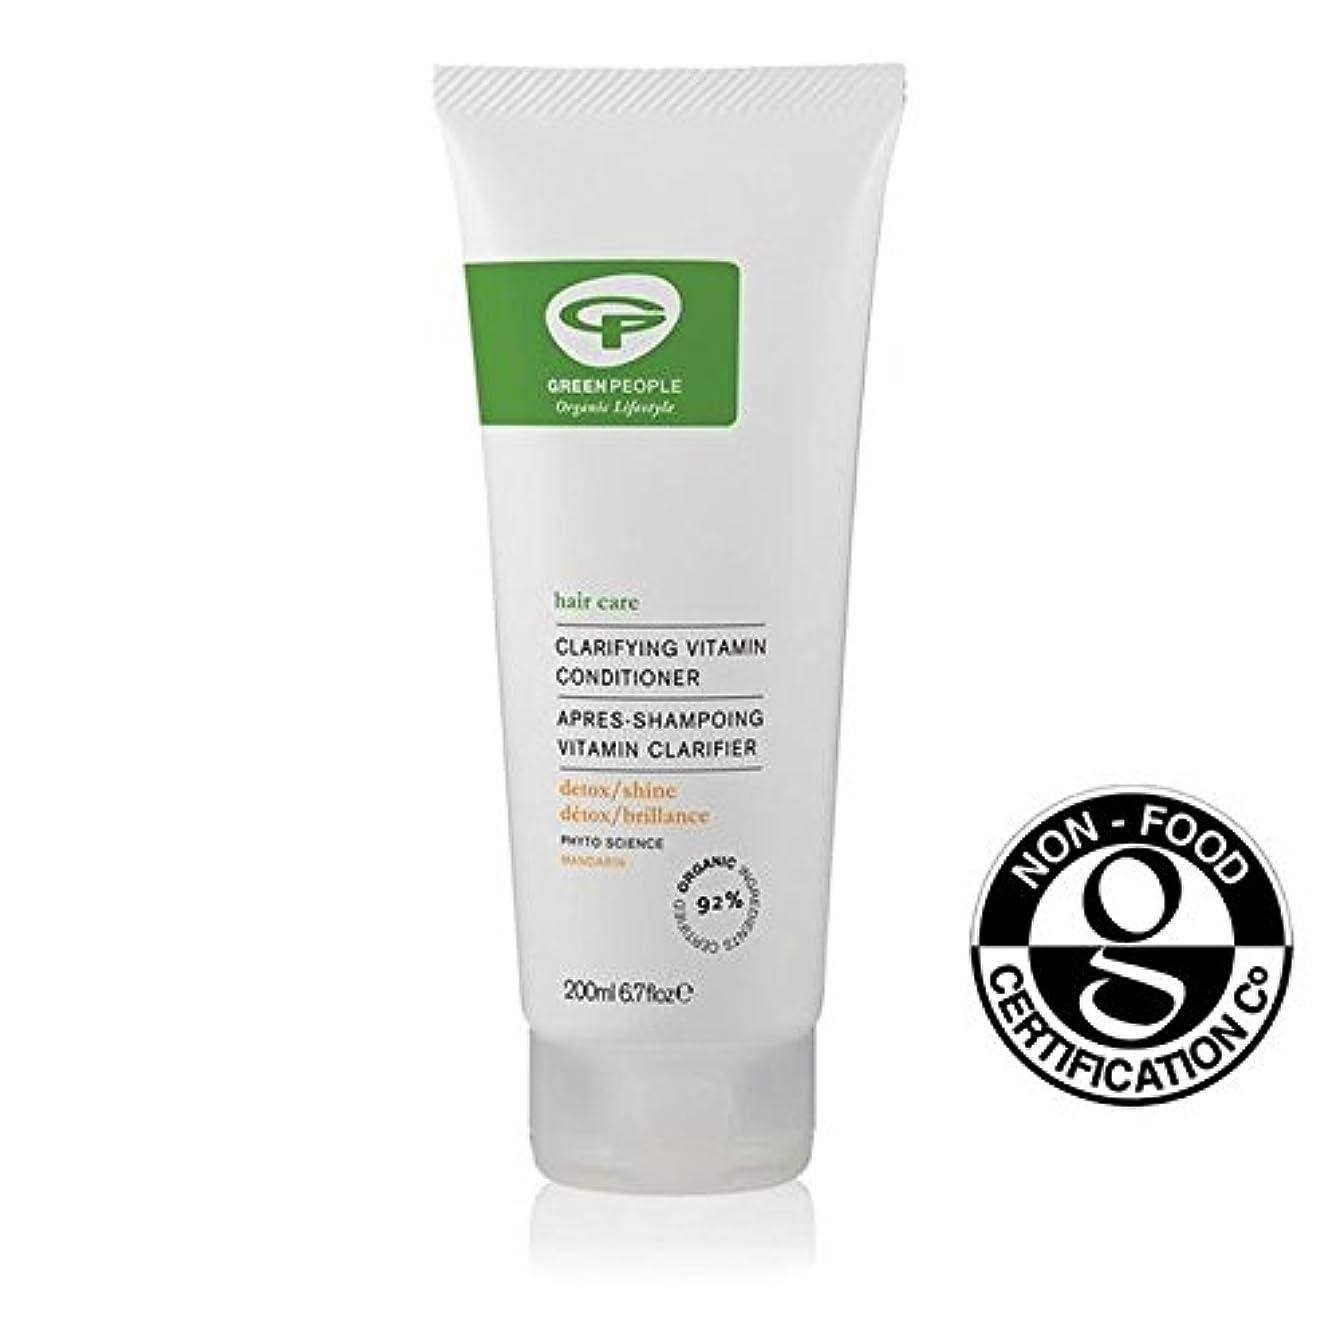 カバーパイ花嫁緑の人々の有機明確ビタミンコンディショナー200 x2 - Green People Organic Clarifying Vitamin Conditioner 200ml (Pack of 2) [並行輸入品]